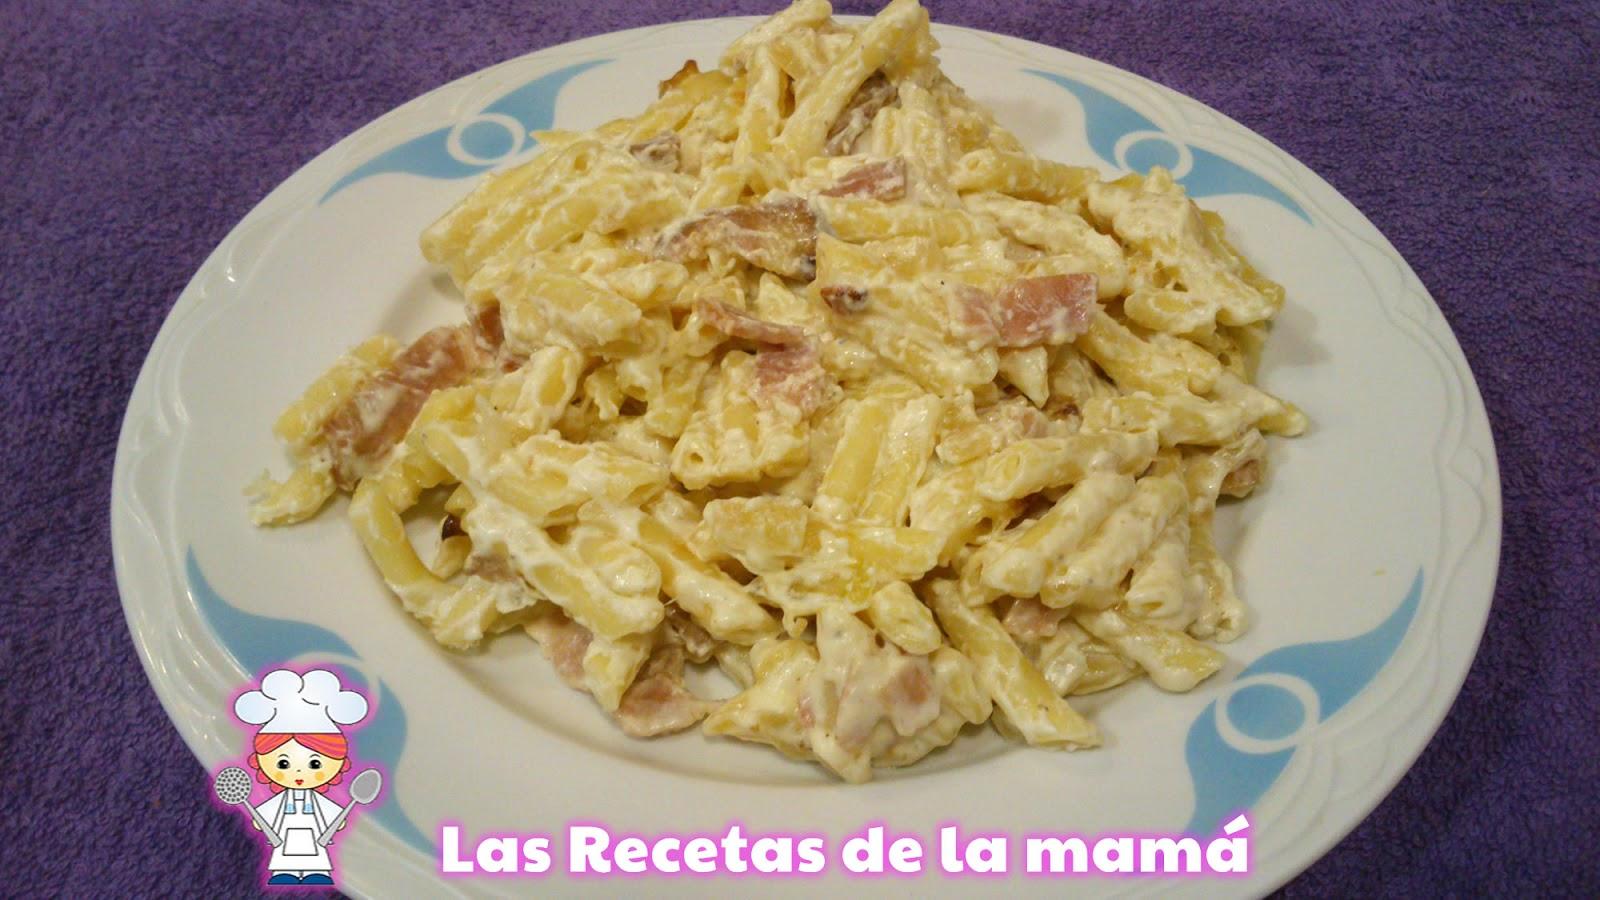 Las recetas de la mam receta de macarrones con beicon y nata - Salsas para pasta con nata ...